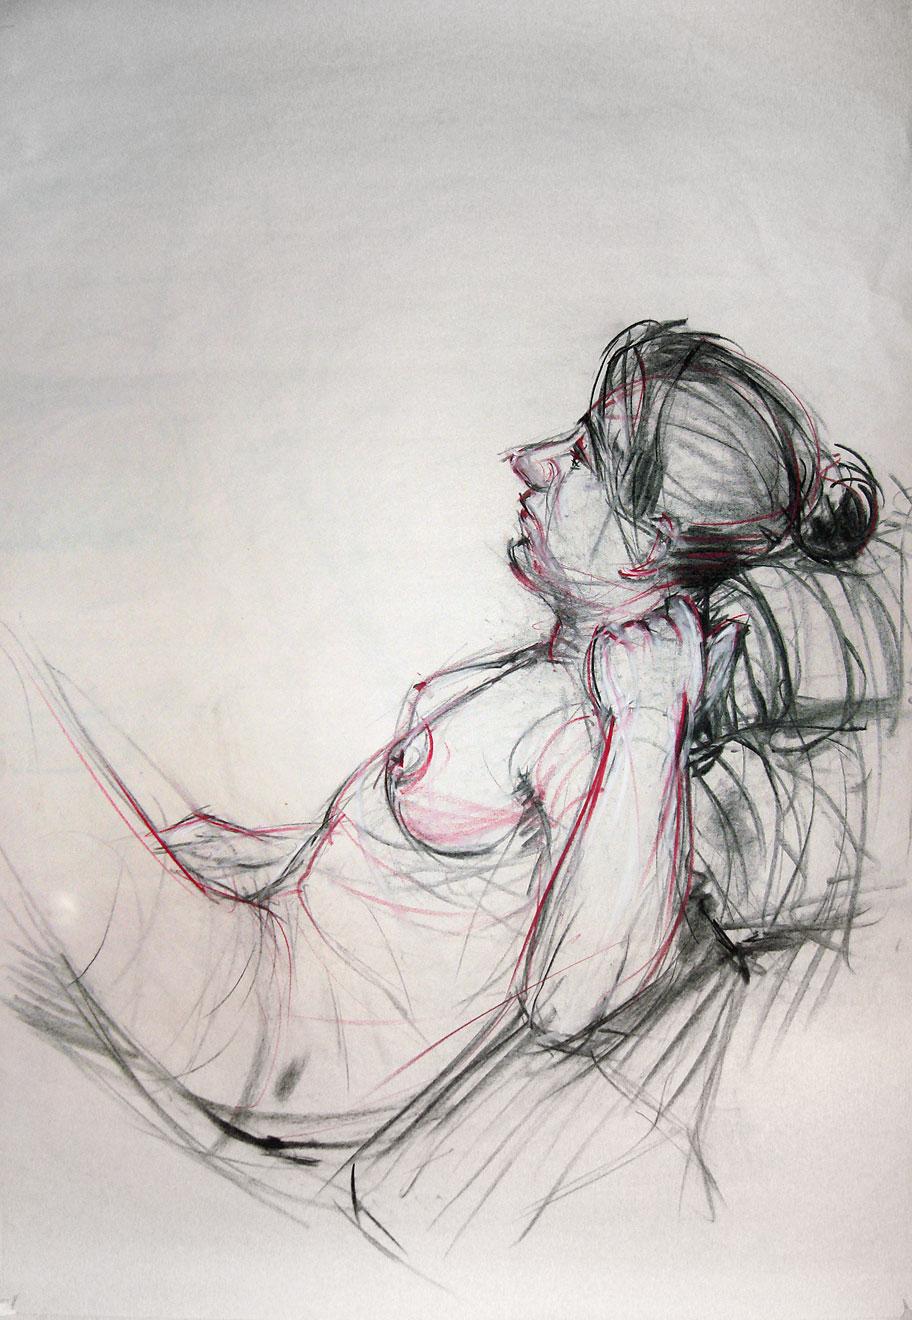 drawing07_large.jpg